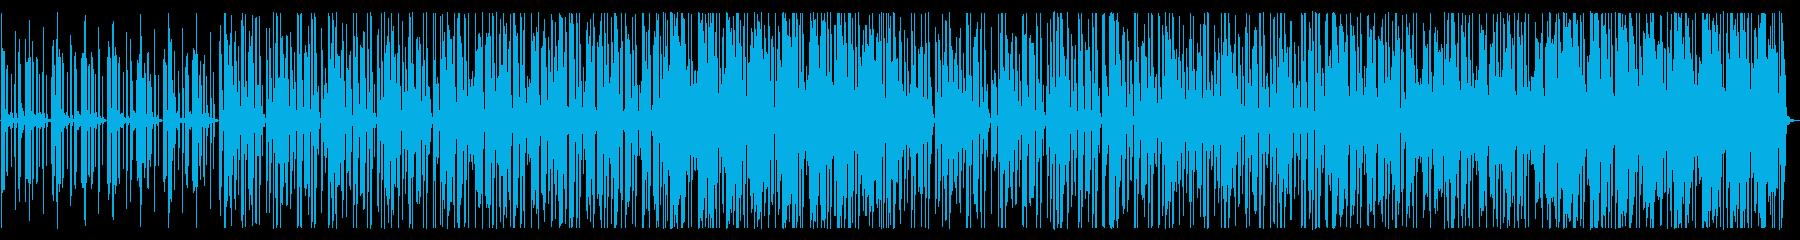 不思議/シンプル/R&B_No469_1の再生済みの波形